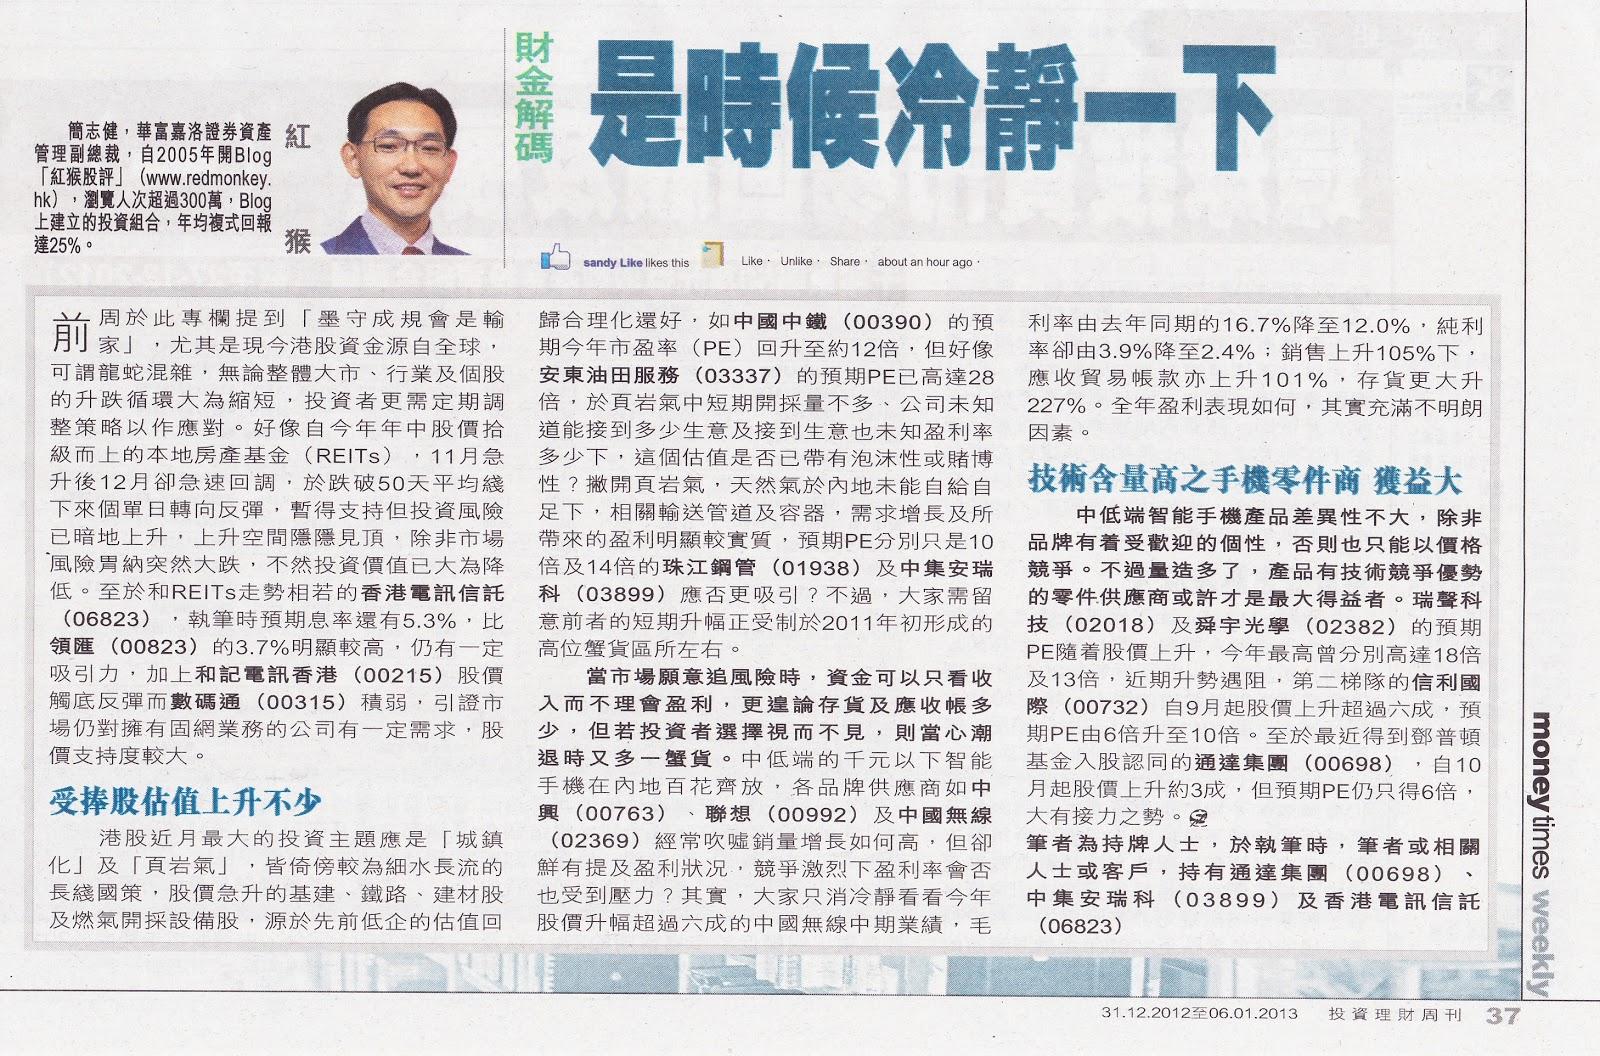 紅猴 redMONKEY: 2 Jan 2013 - [香港經濟日報「投資理財週刊」] 是時候冷靜一下